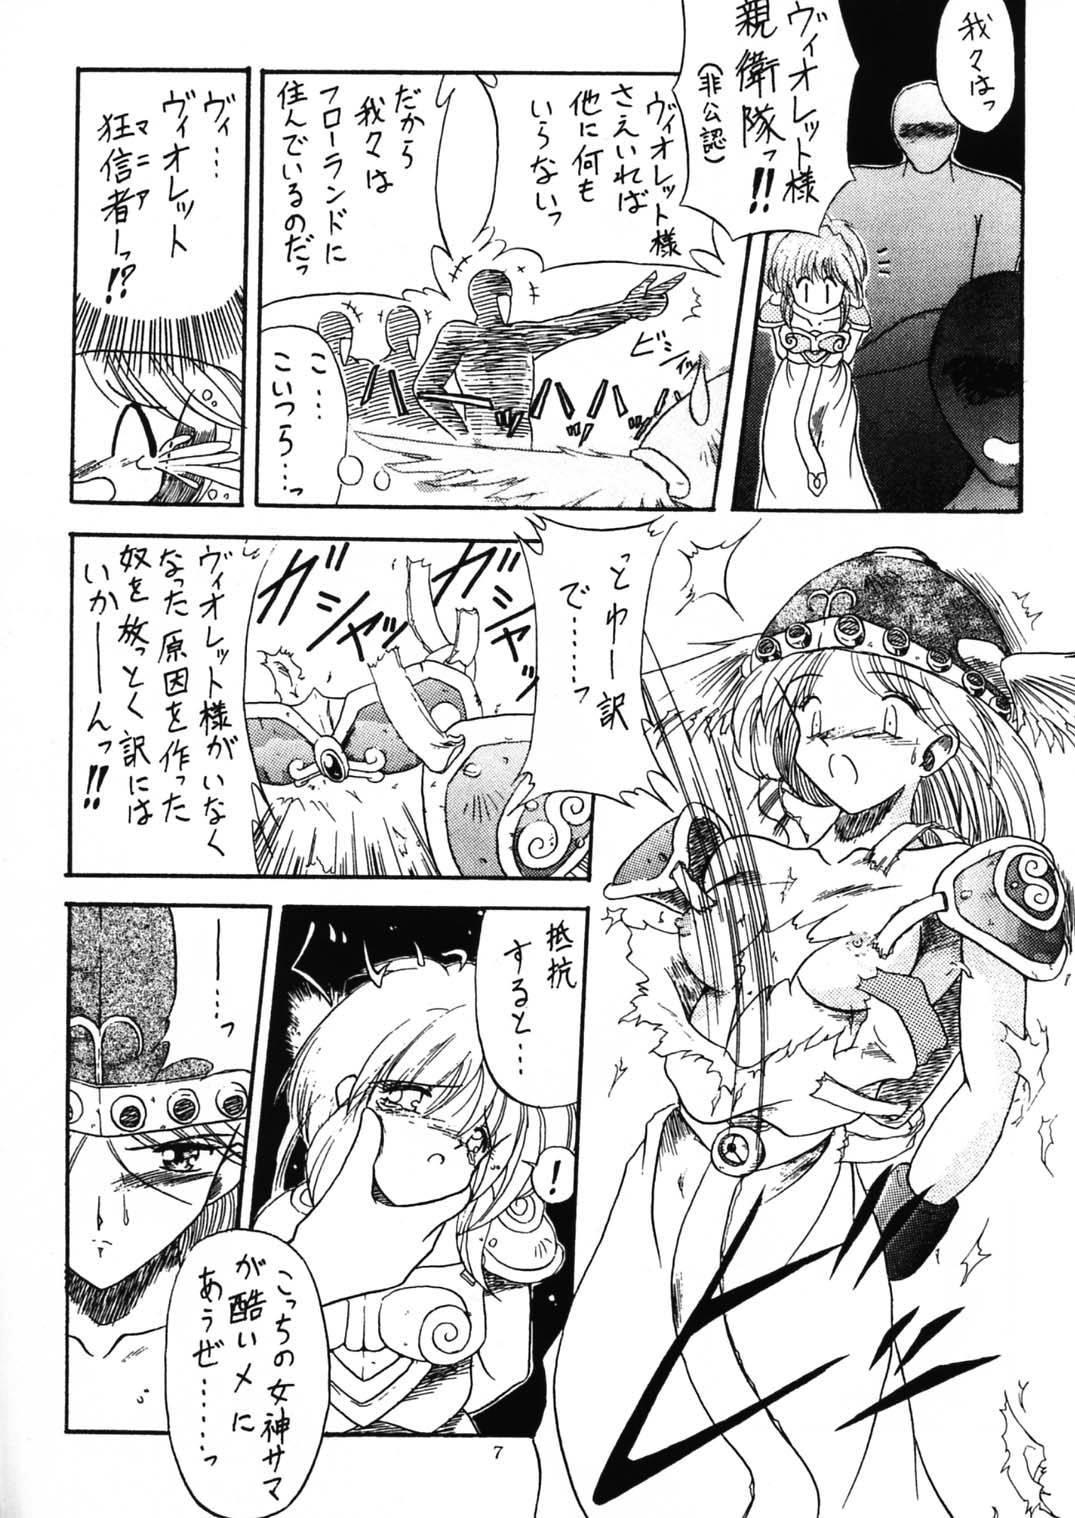 Ikusa Otome Kourinsai 6